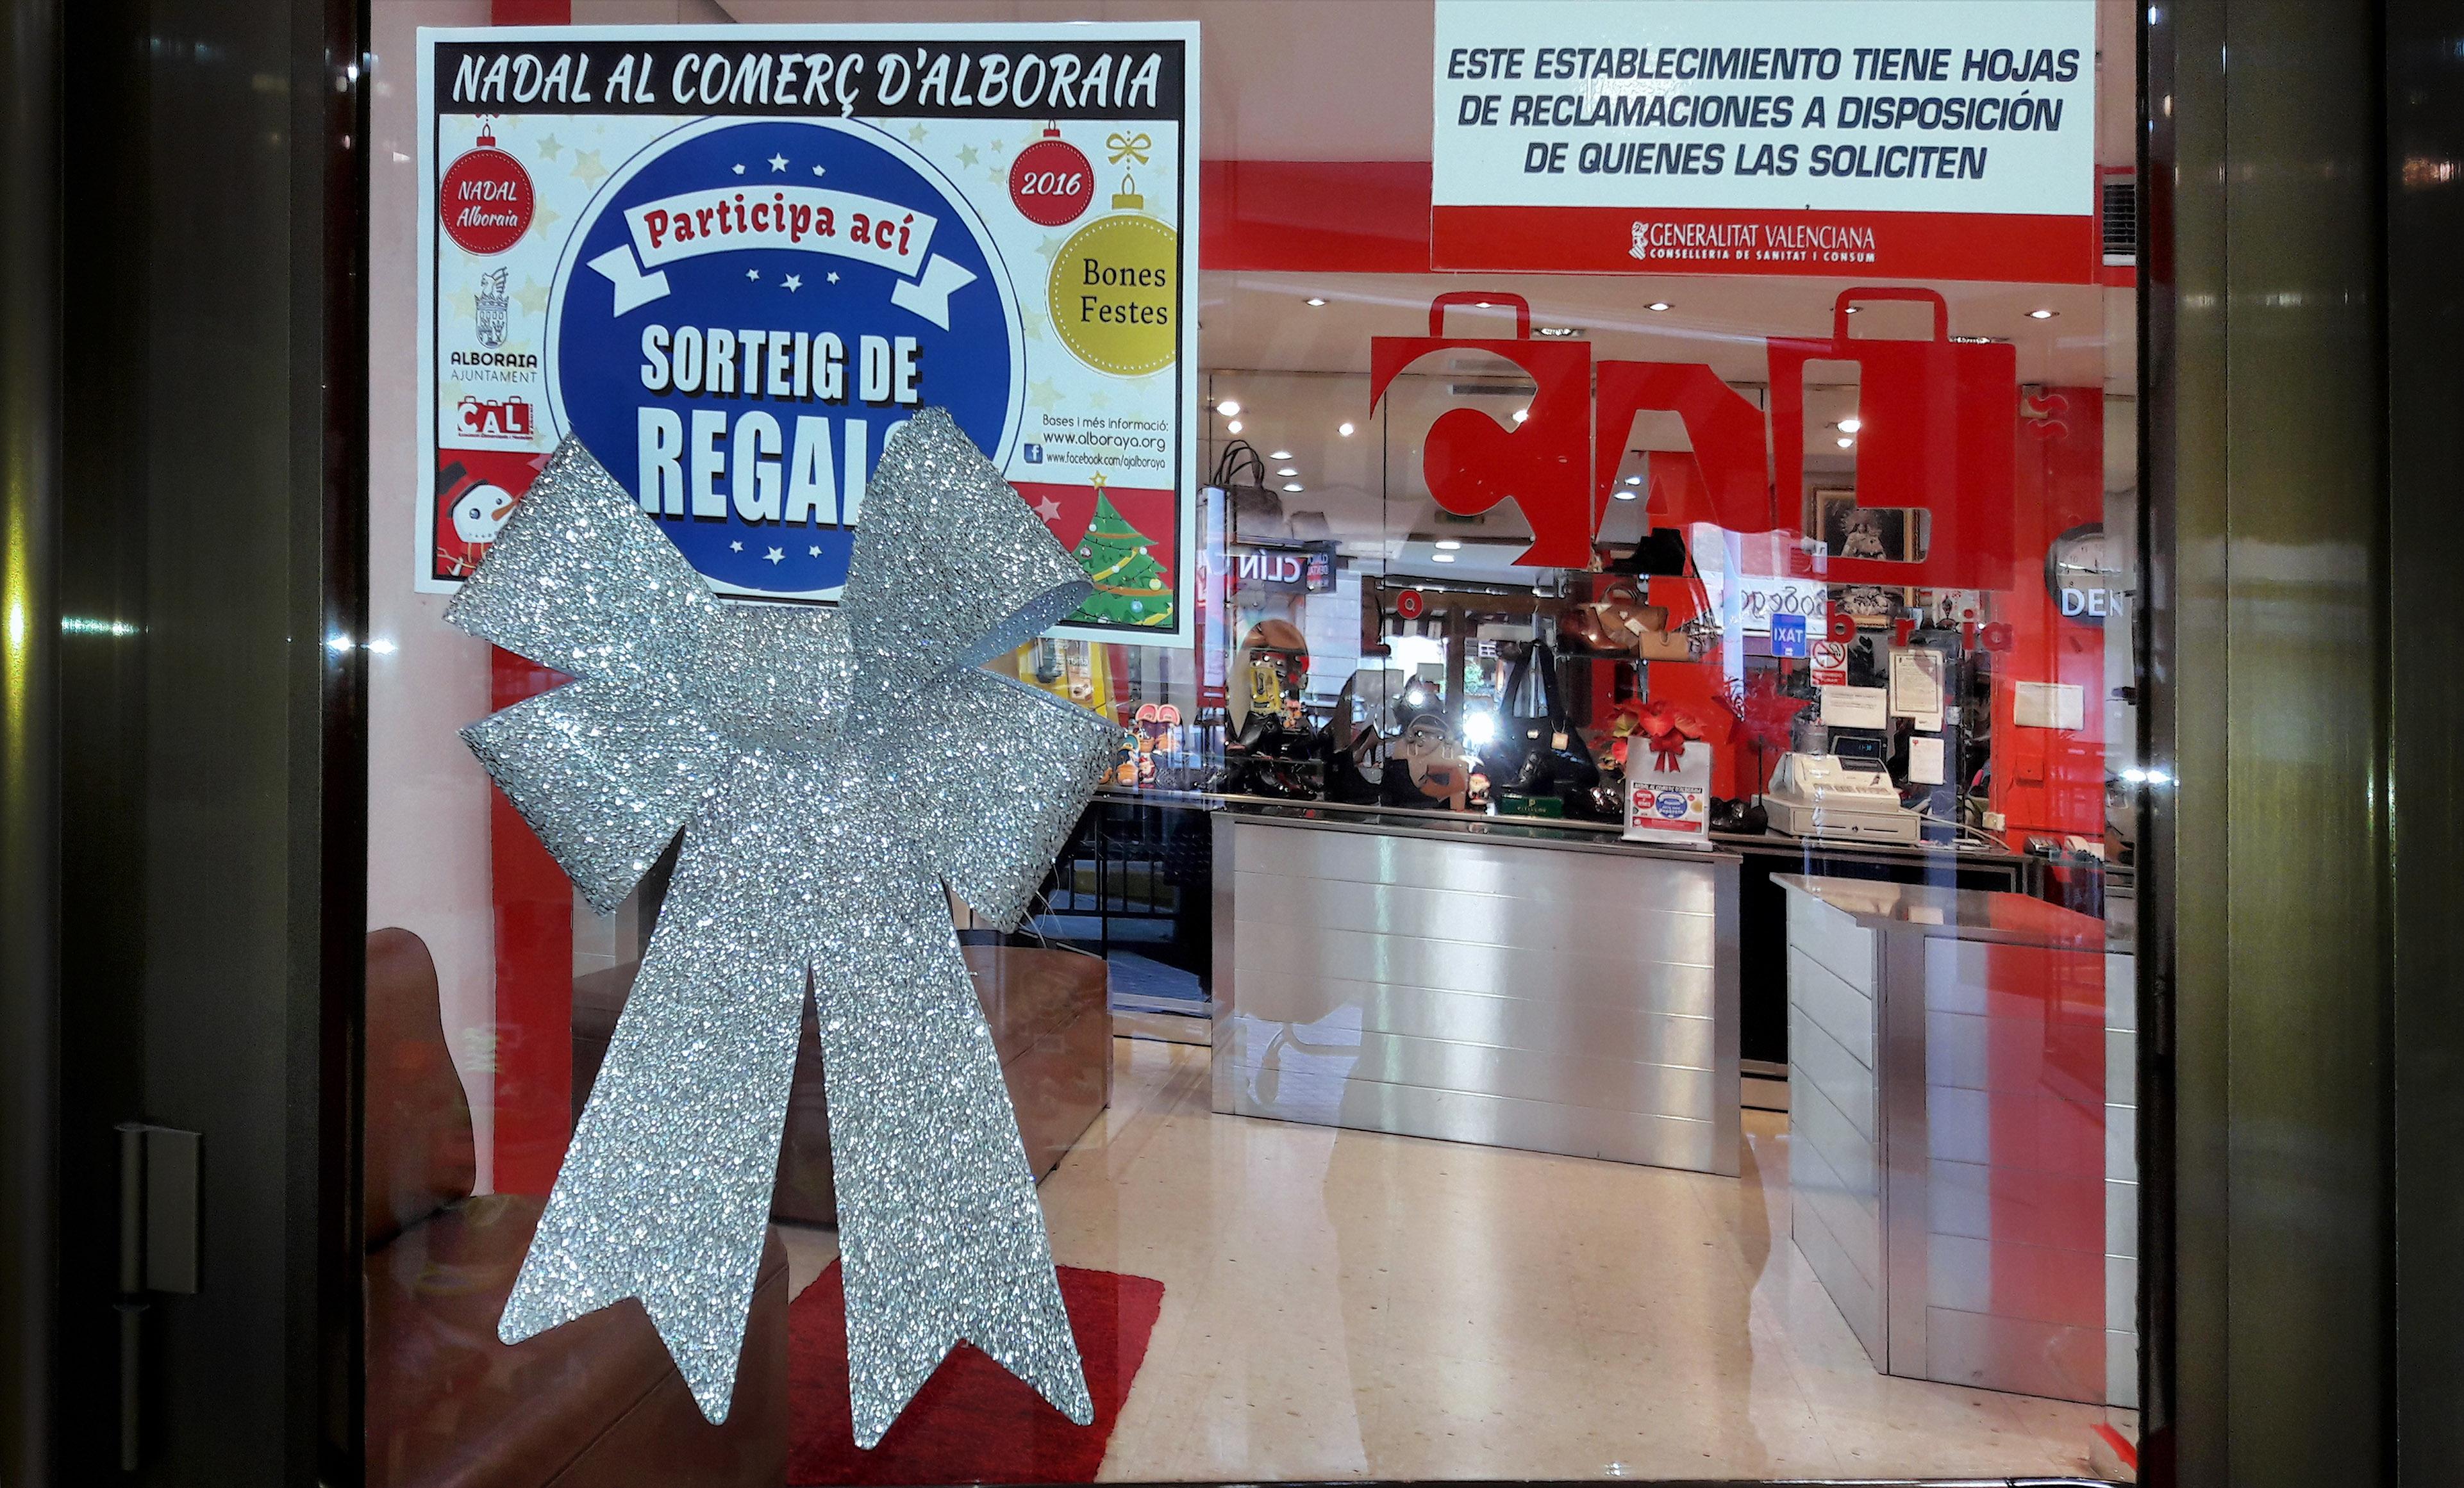 Comercios de Alboraia sortearán el 9 de enero regalos entre sus clientes